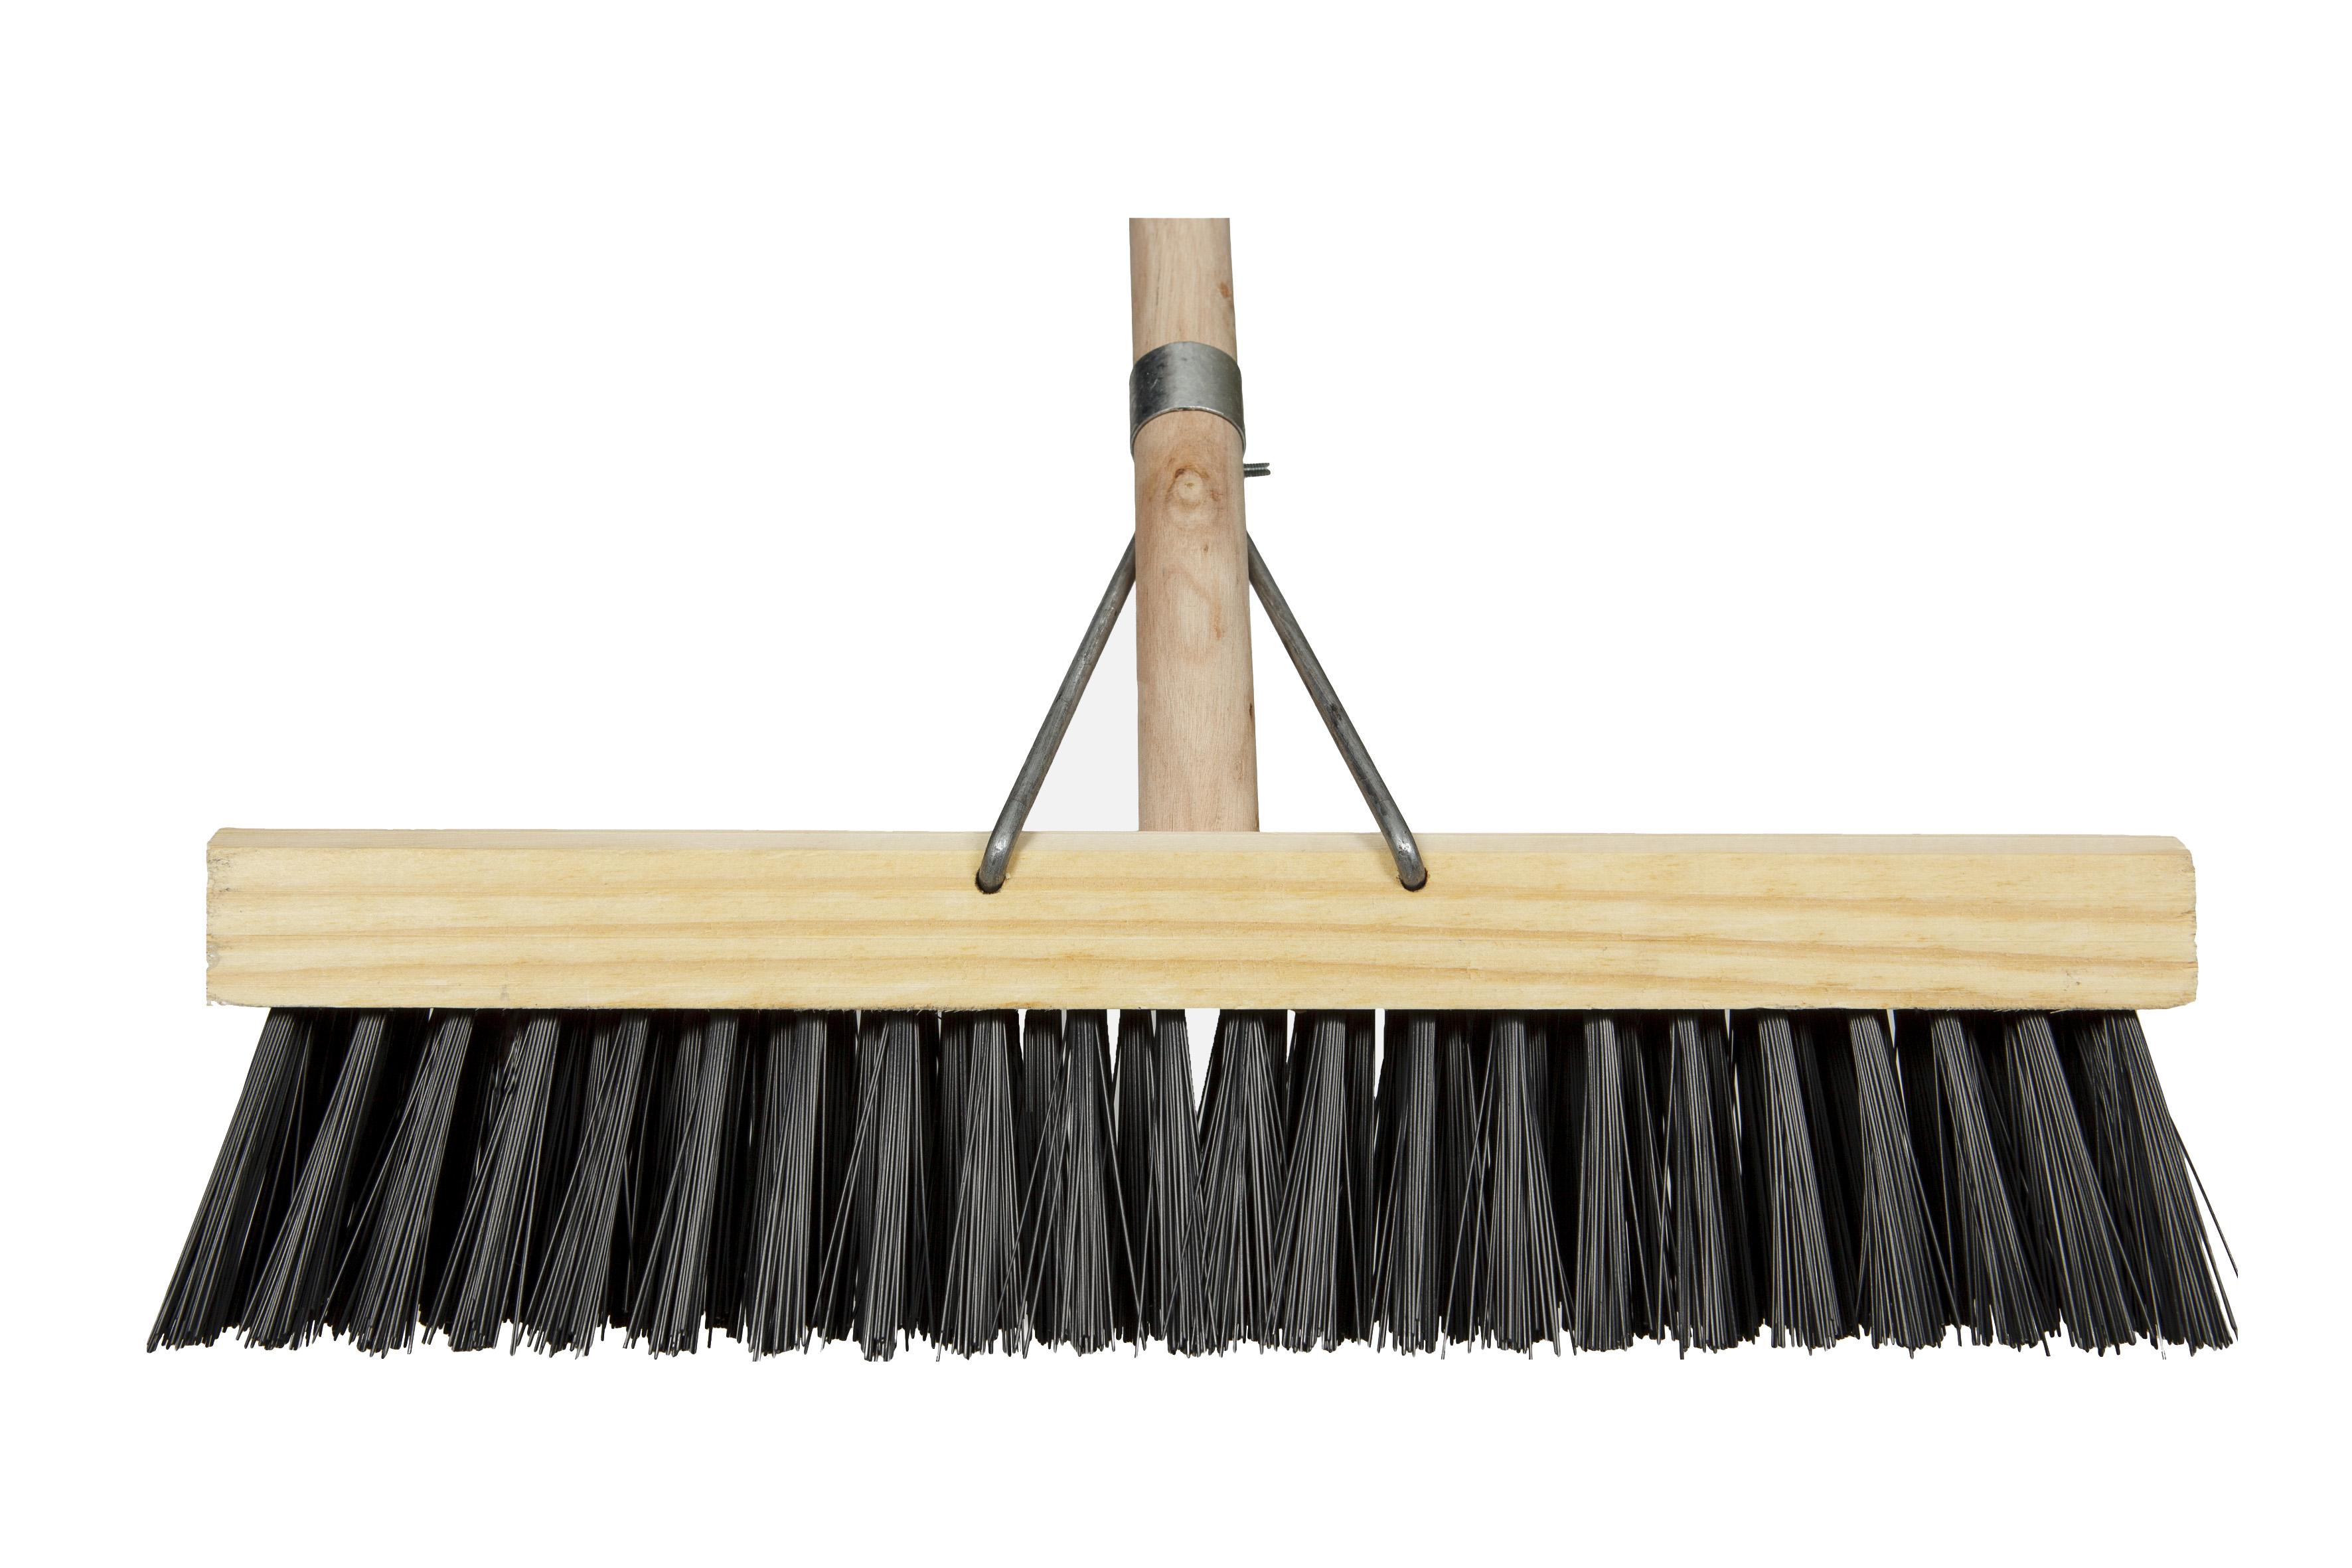 Hectoserve Platform Broom Soft